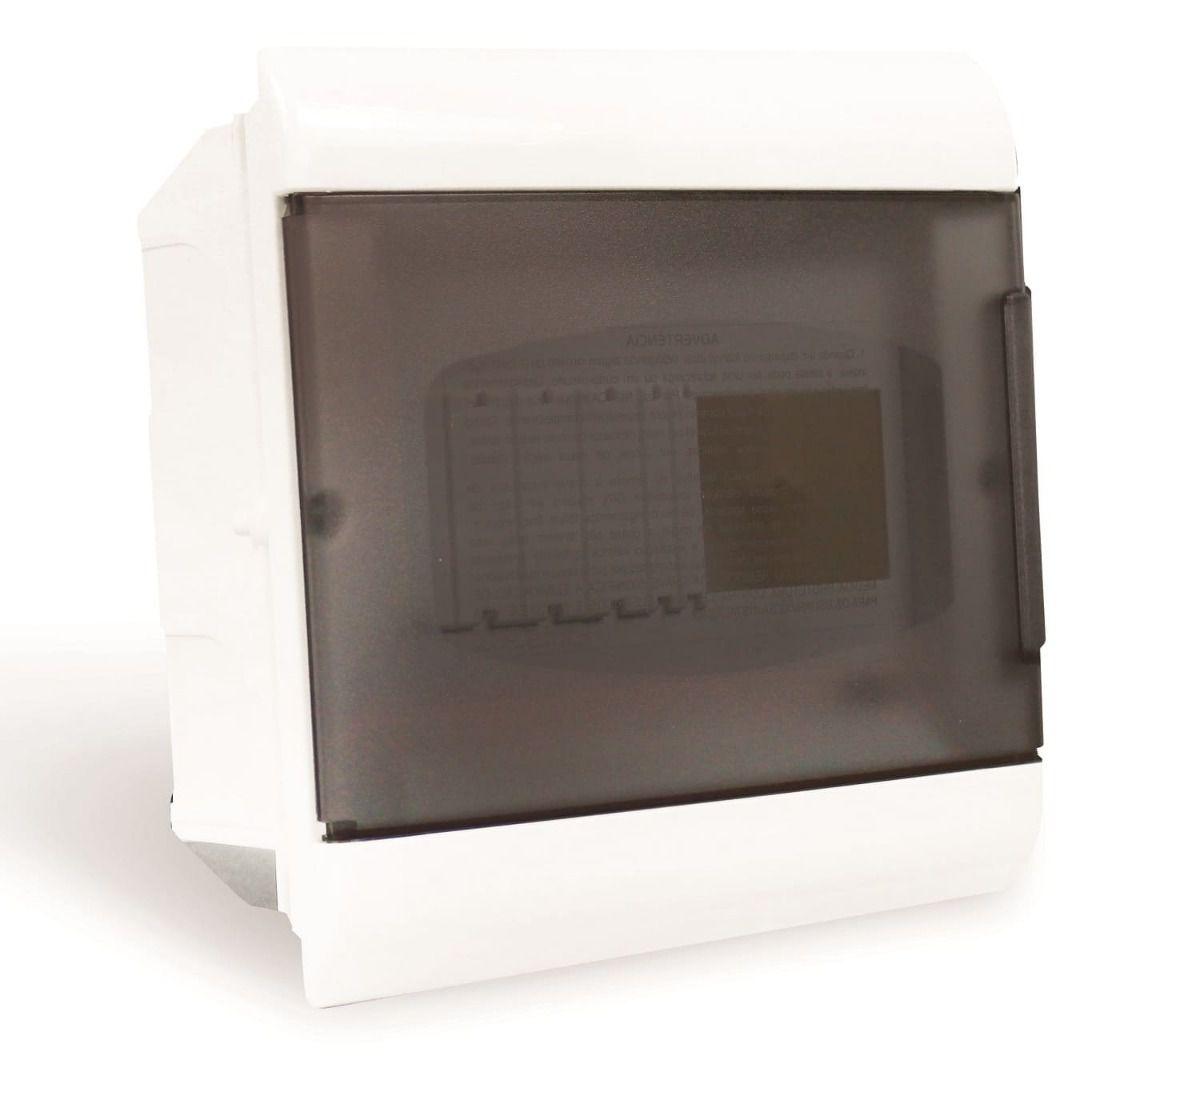 Centrinho embutir para 8 Disjuntores porta fumê SCM8TBR